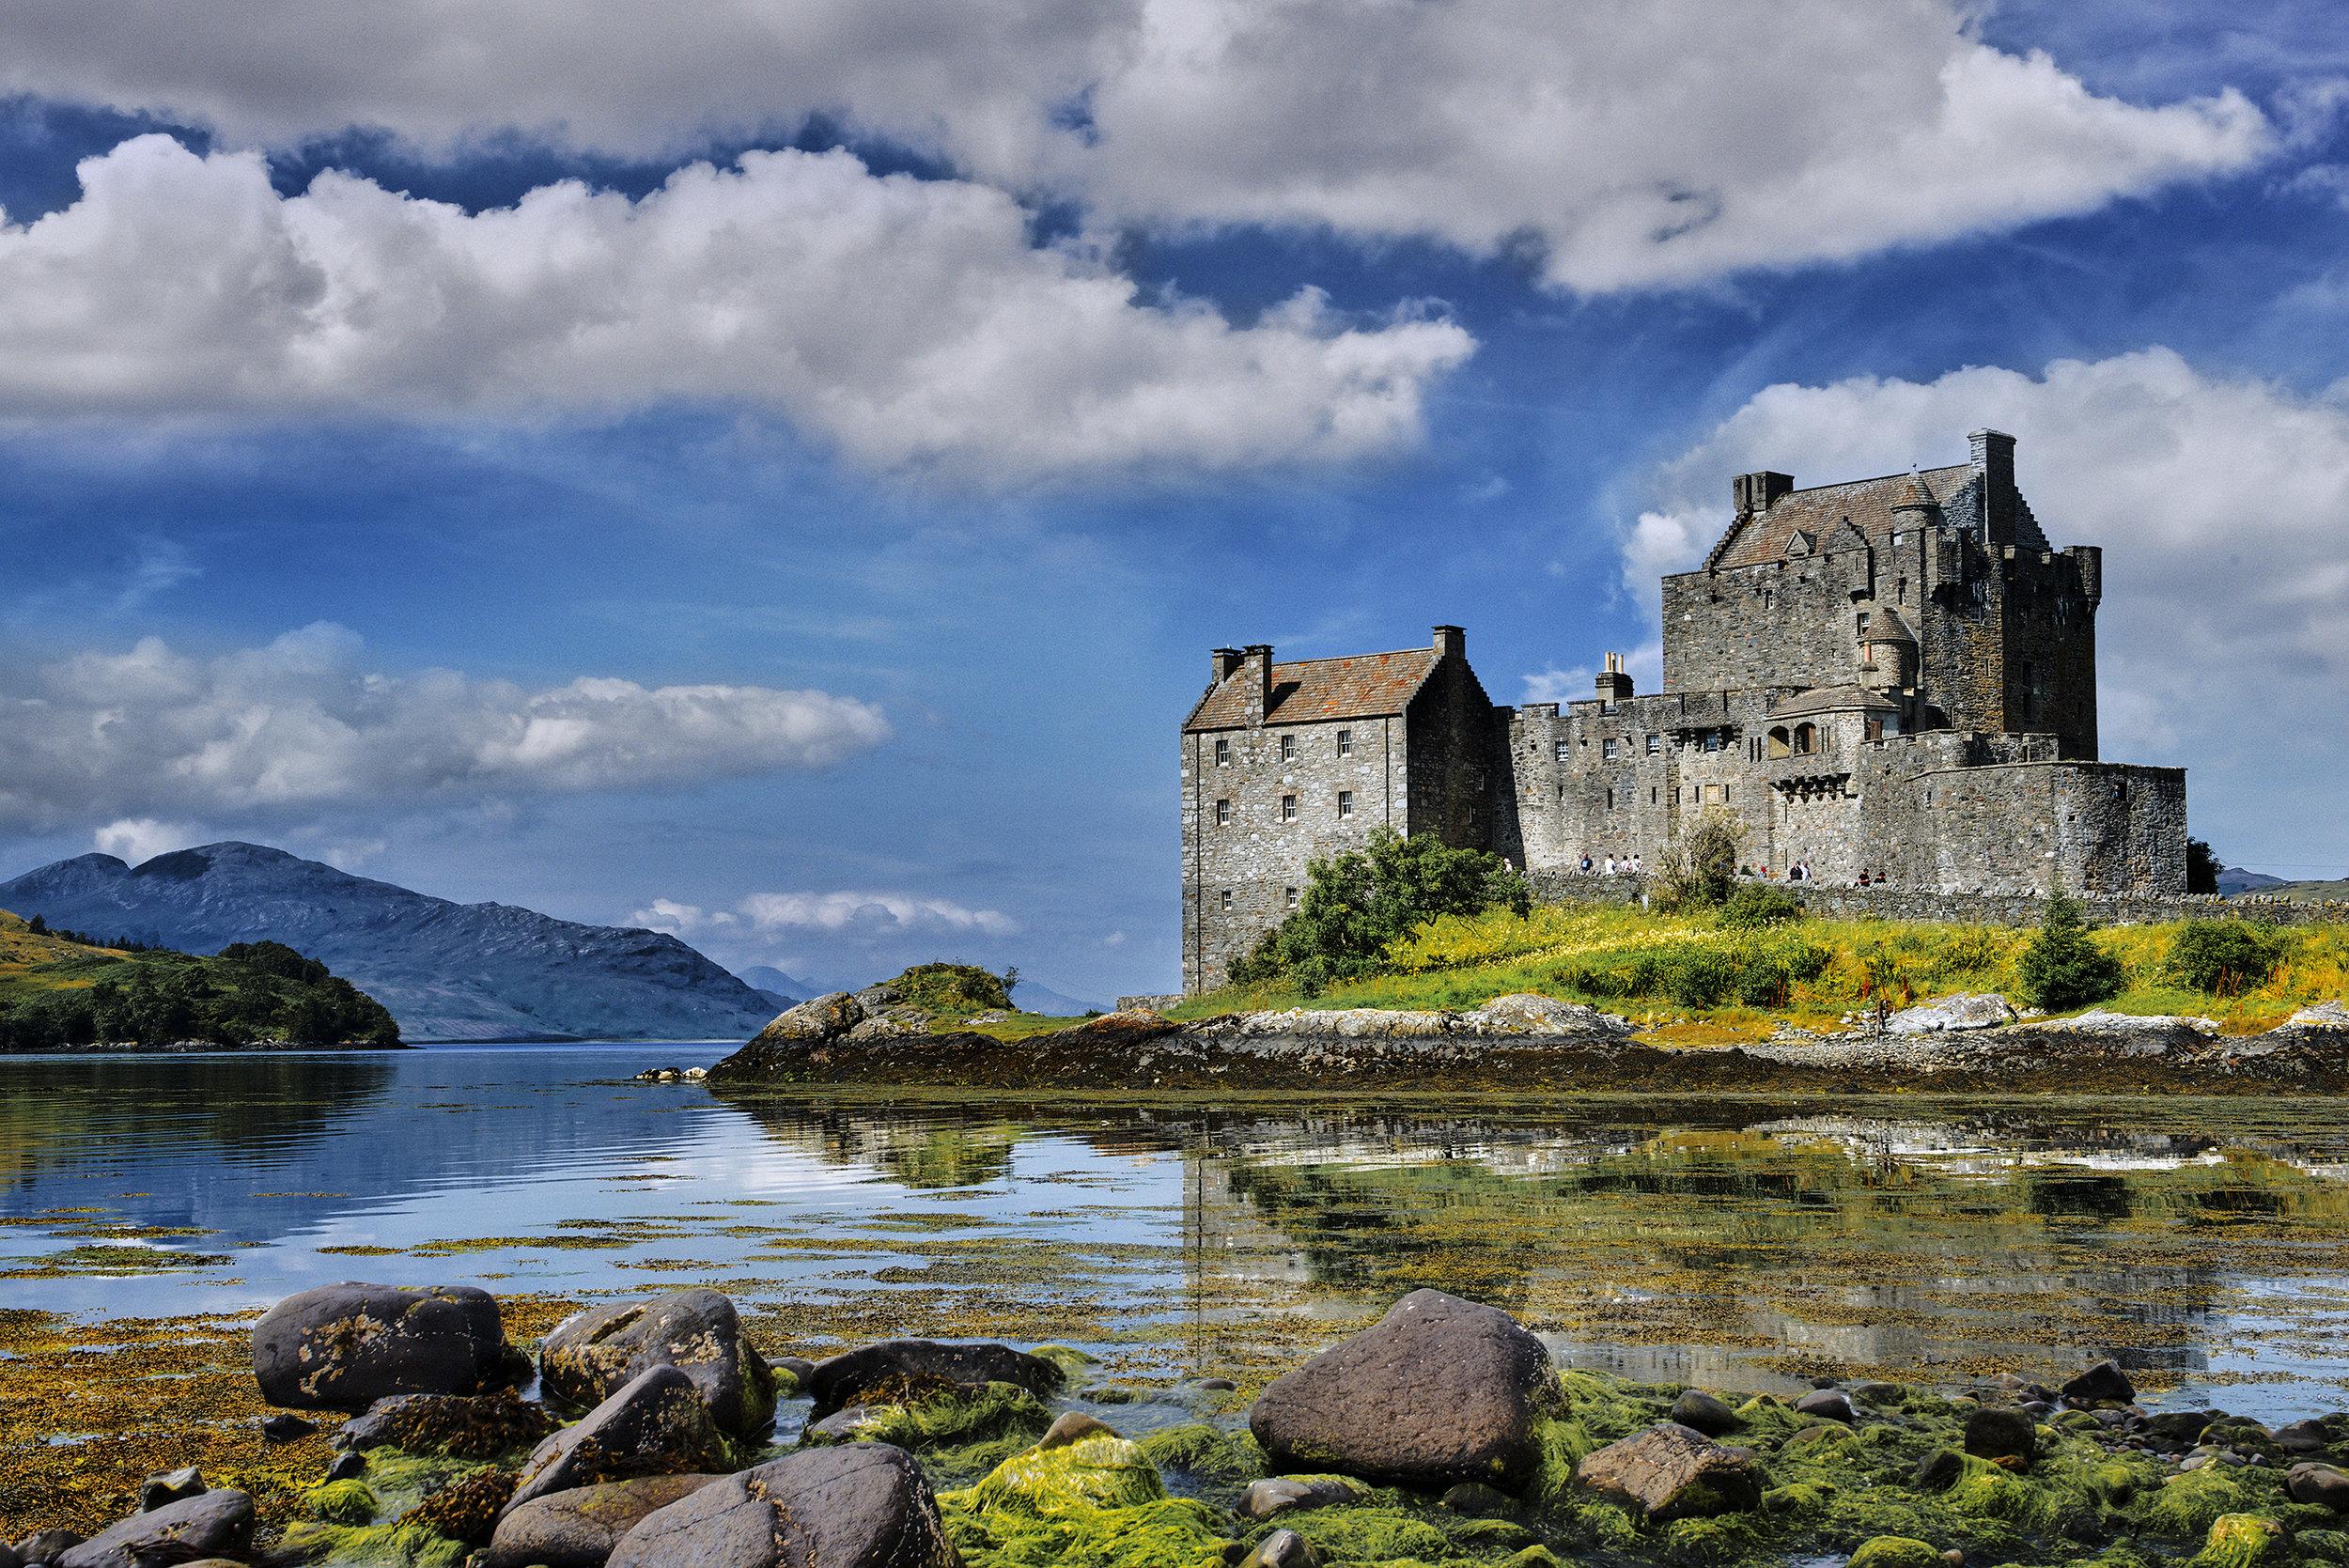 Kyle of Lochalsh, Scotland   |  August 11, 2012